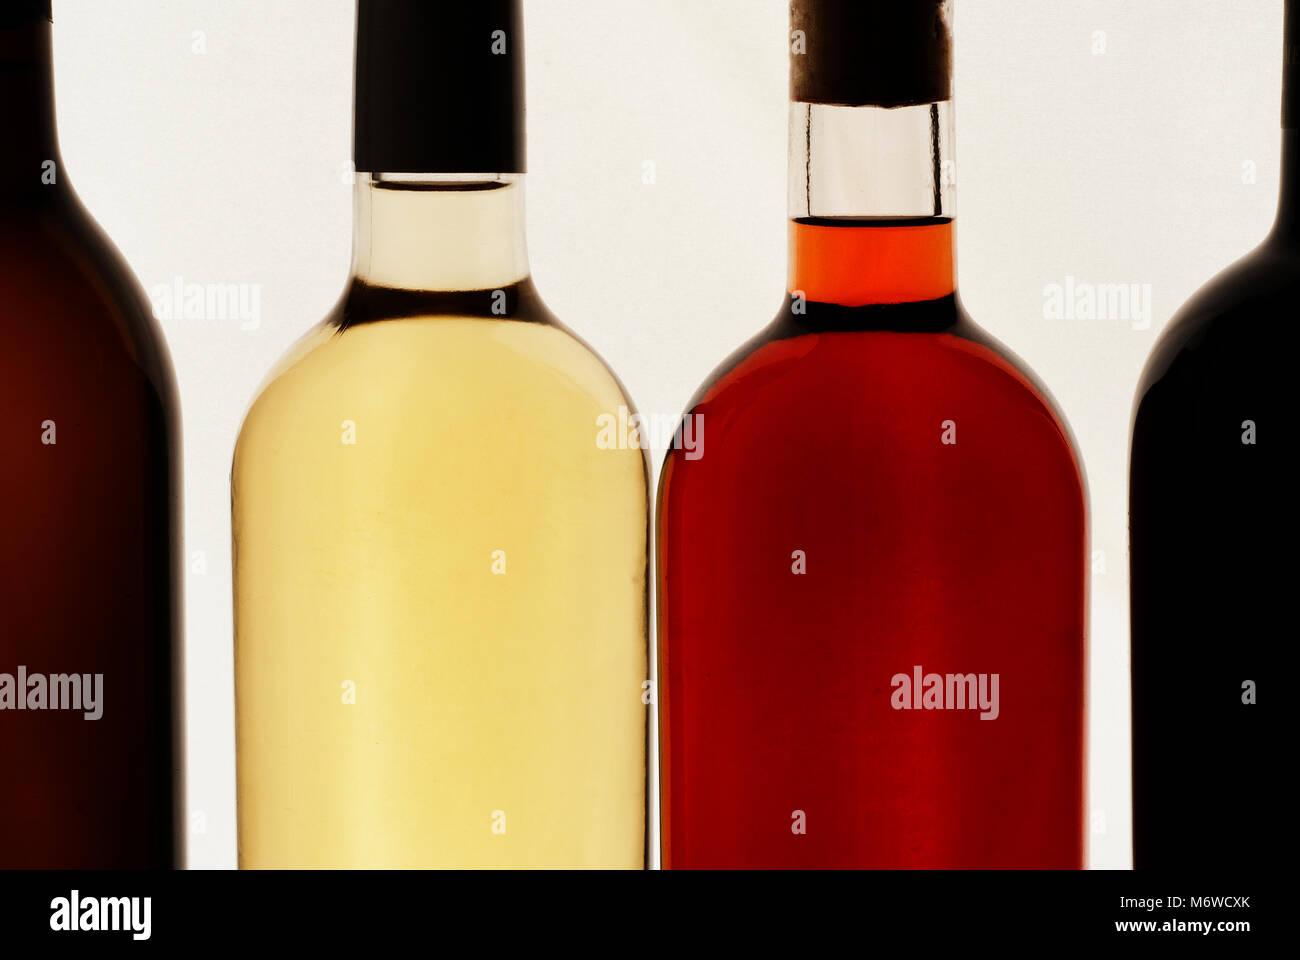 Quattro Bottiglie Di Vino Sfondo Bianco Vino Rosso Vino Bianco